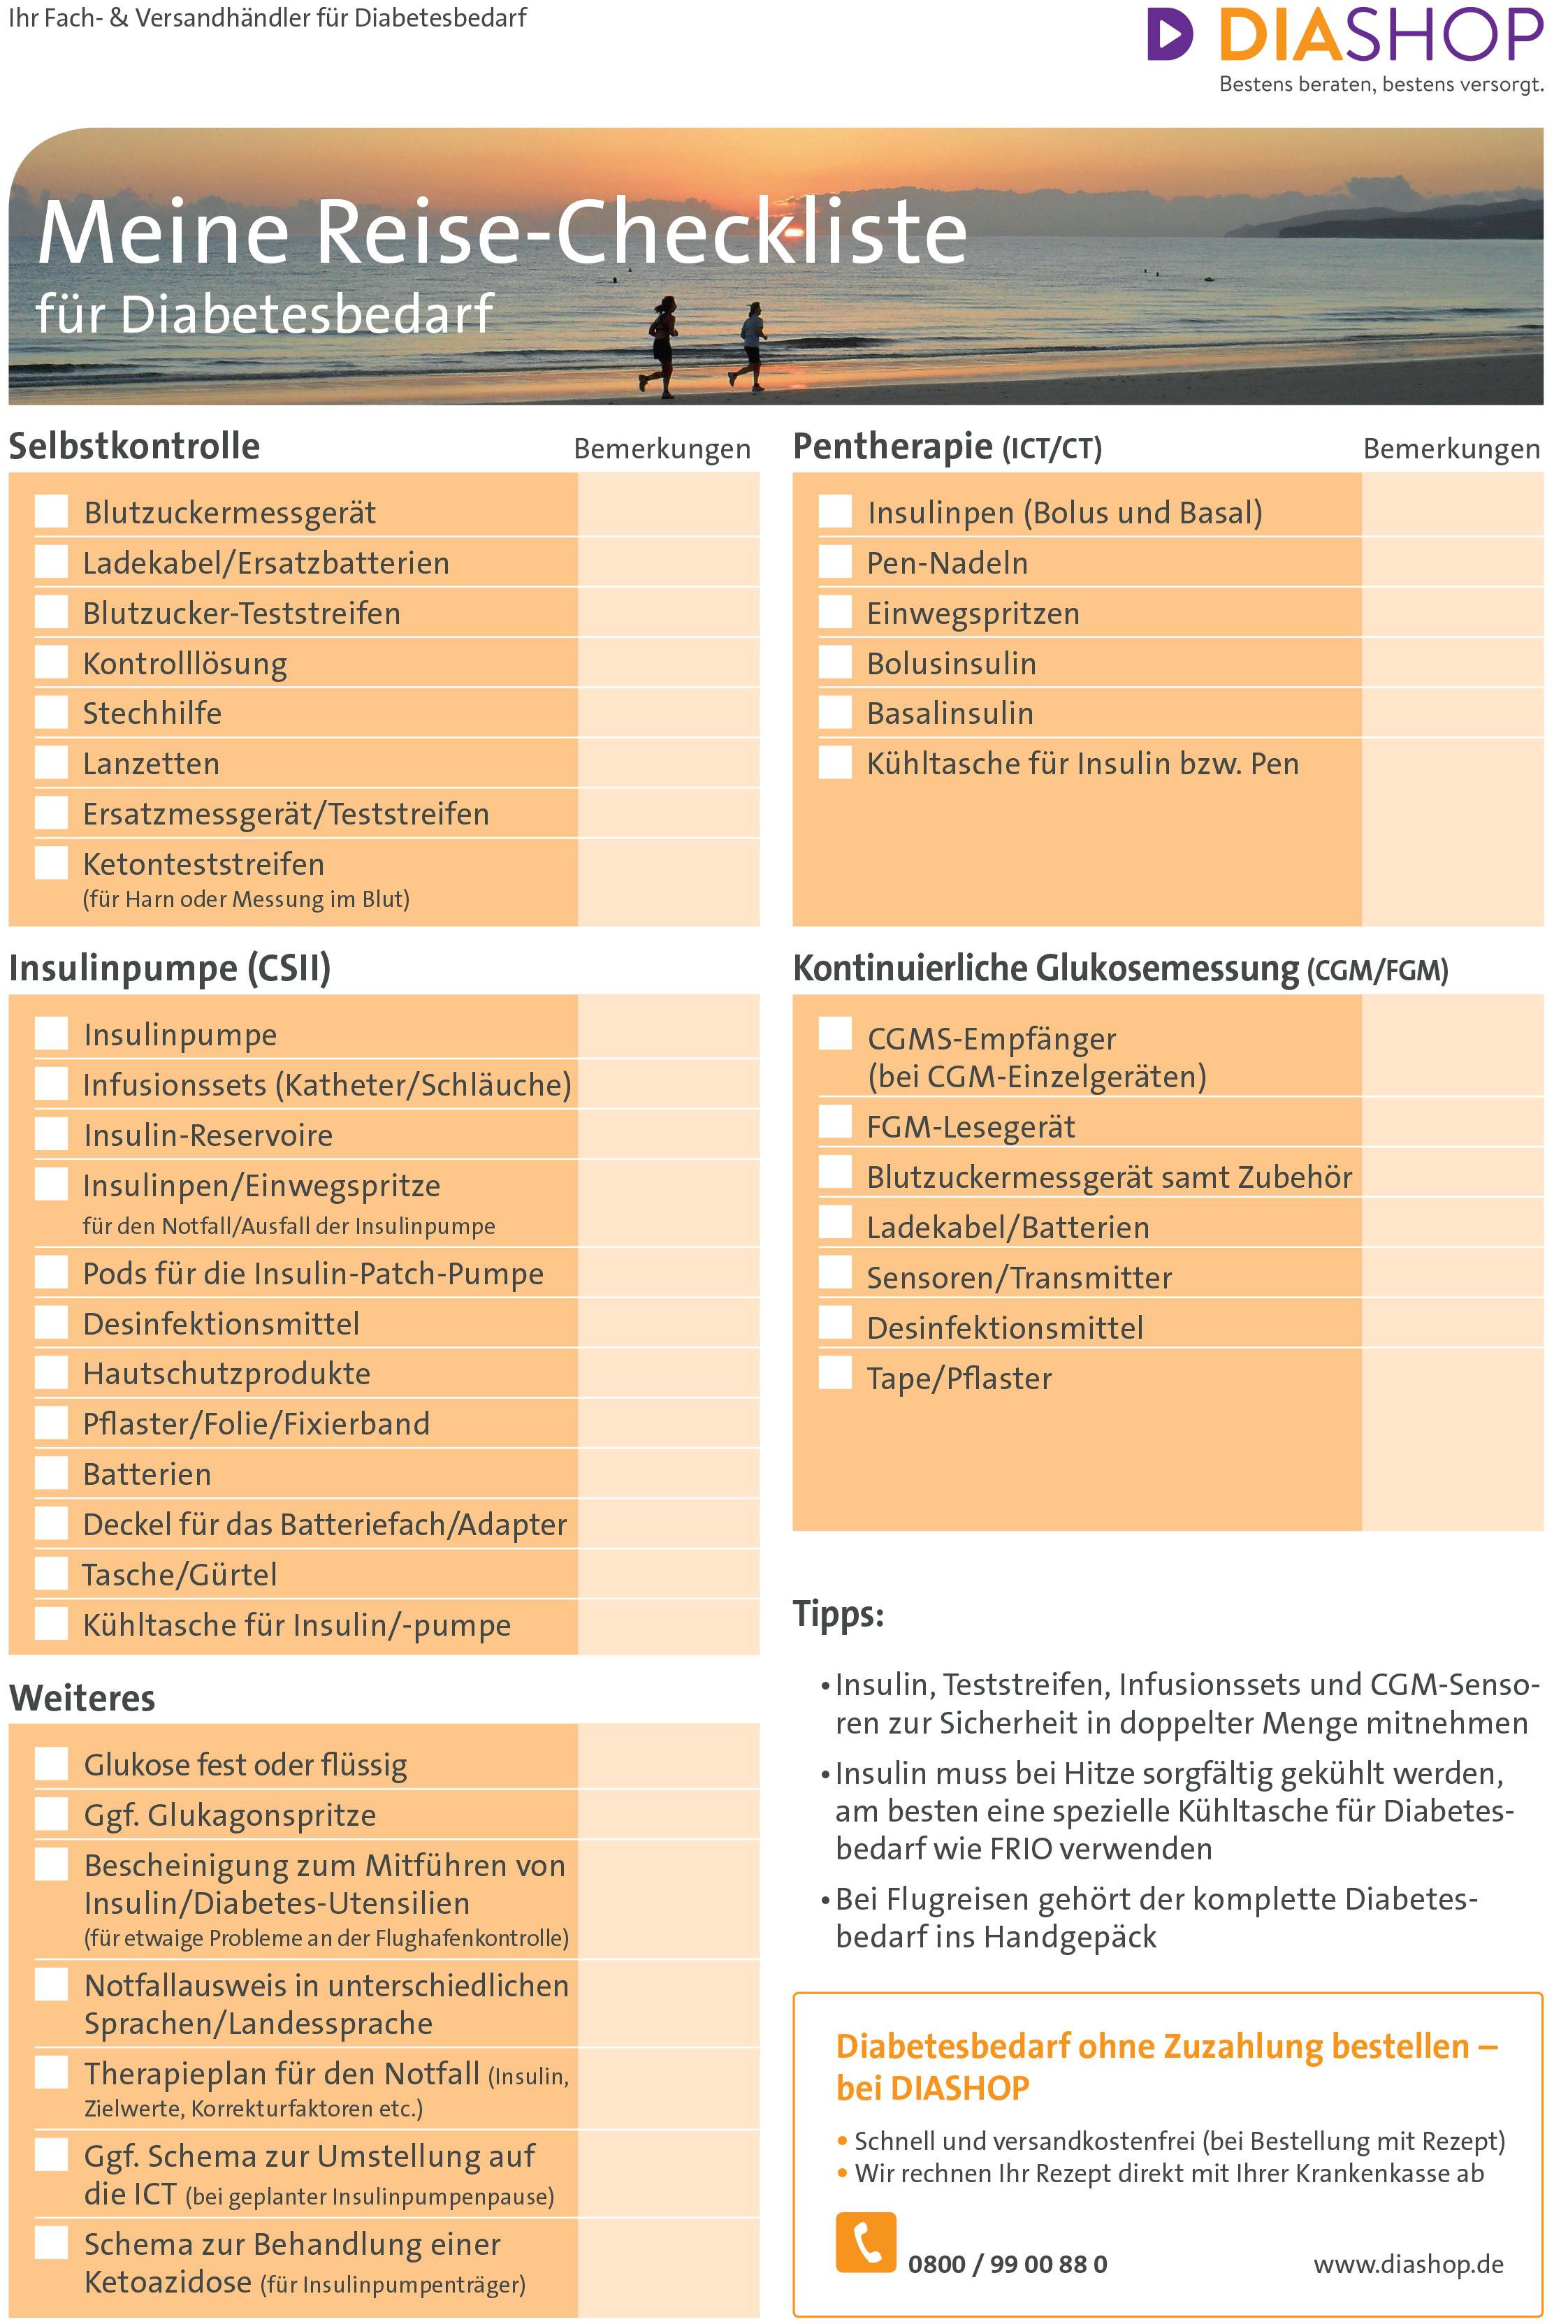 Reise-Checkliste Diabetes